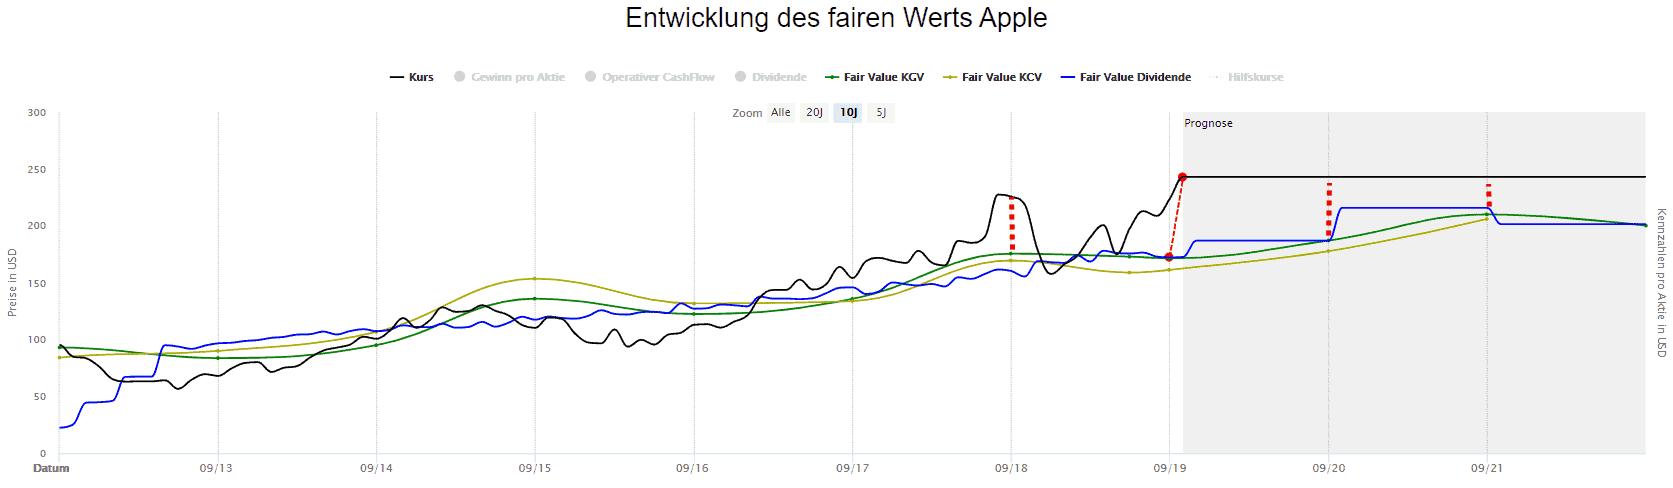 Apple in der Dynamischen Aktienbewertung